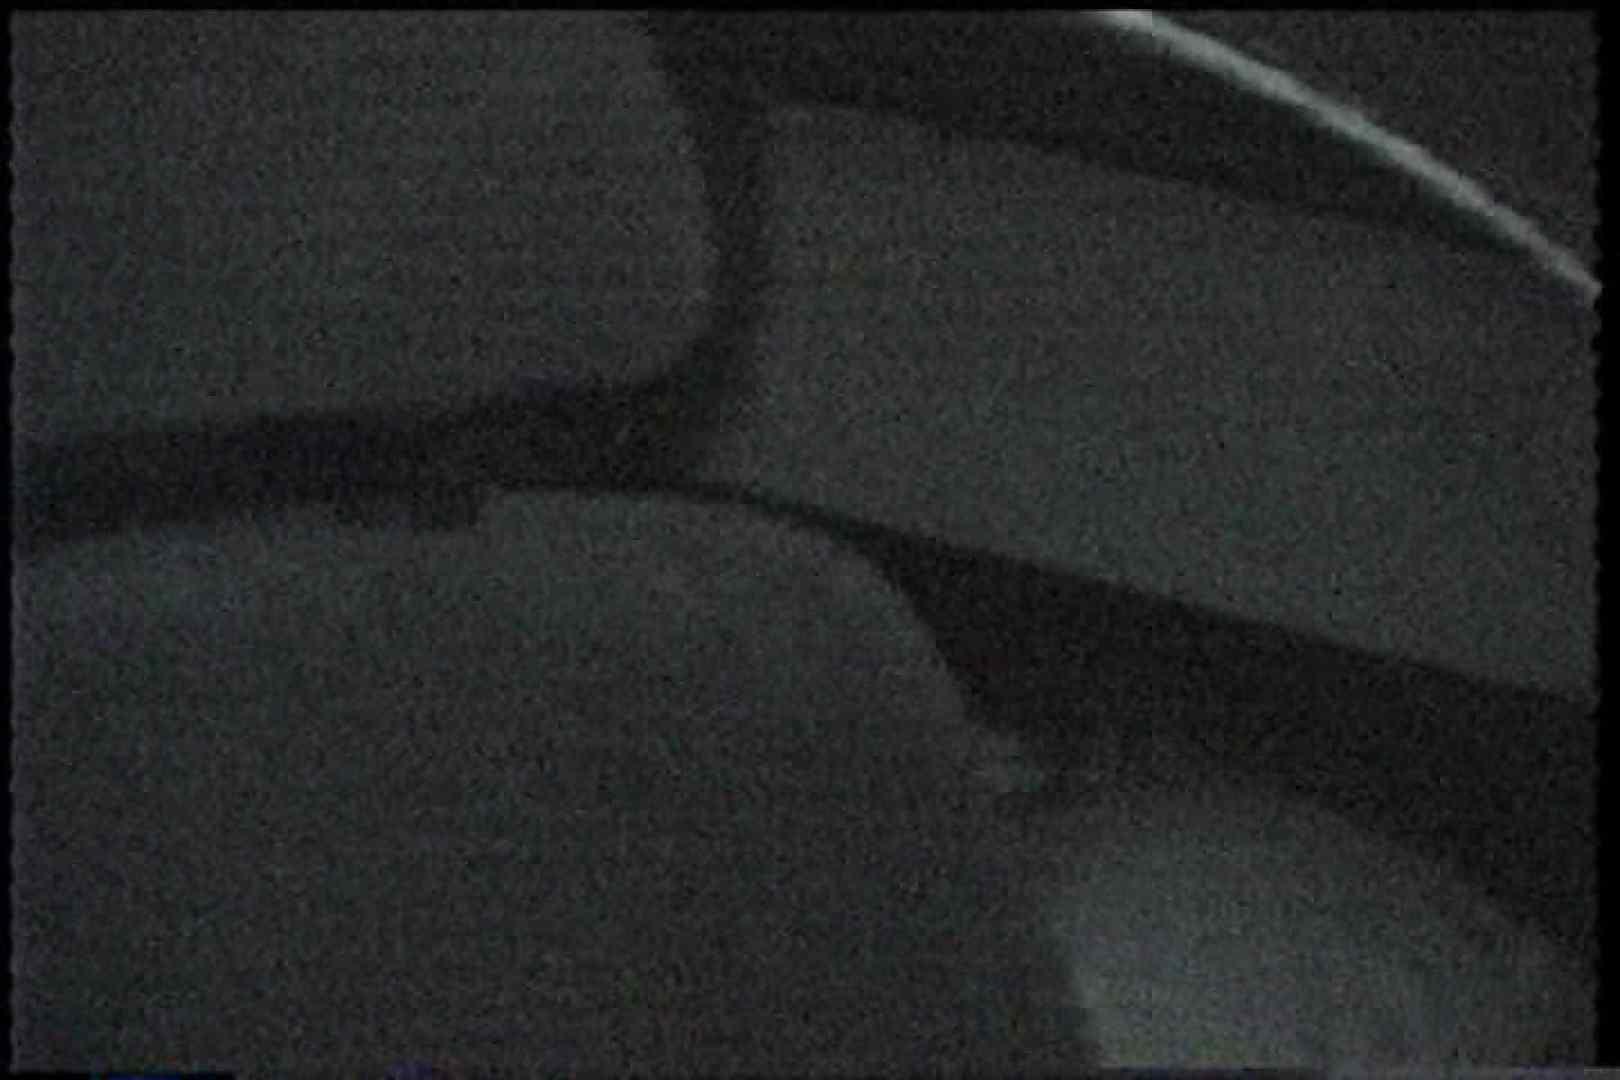 充血監督の深夜の運動会Vol.218 フェラ | OL女体  72連発 61